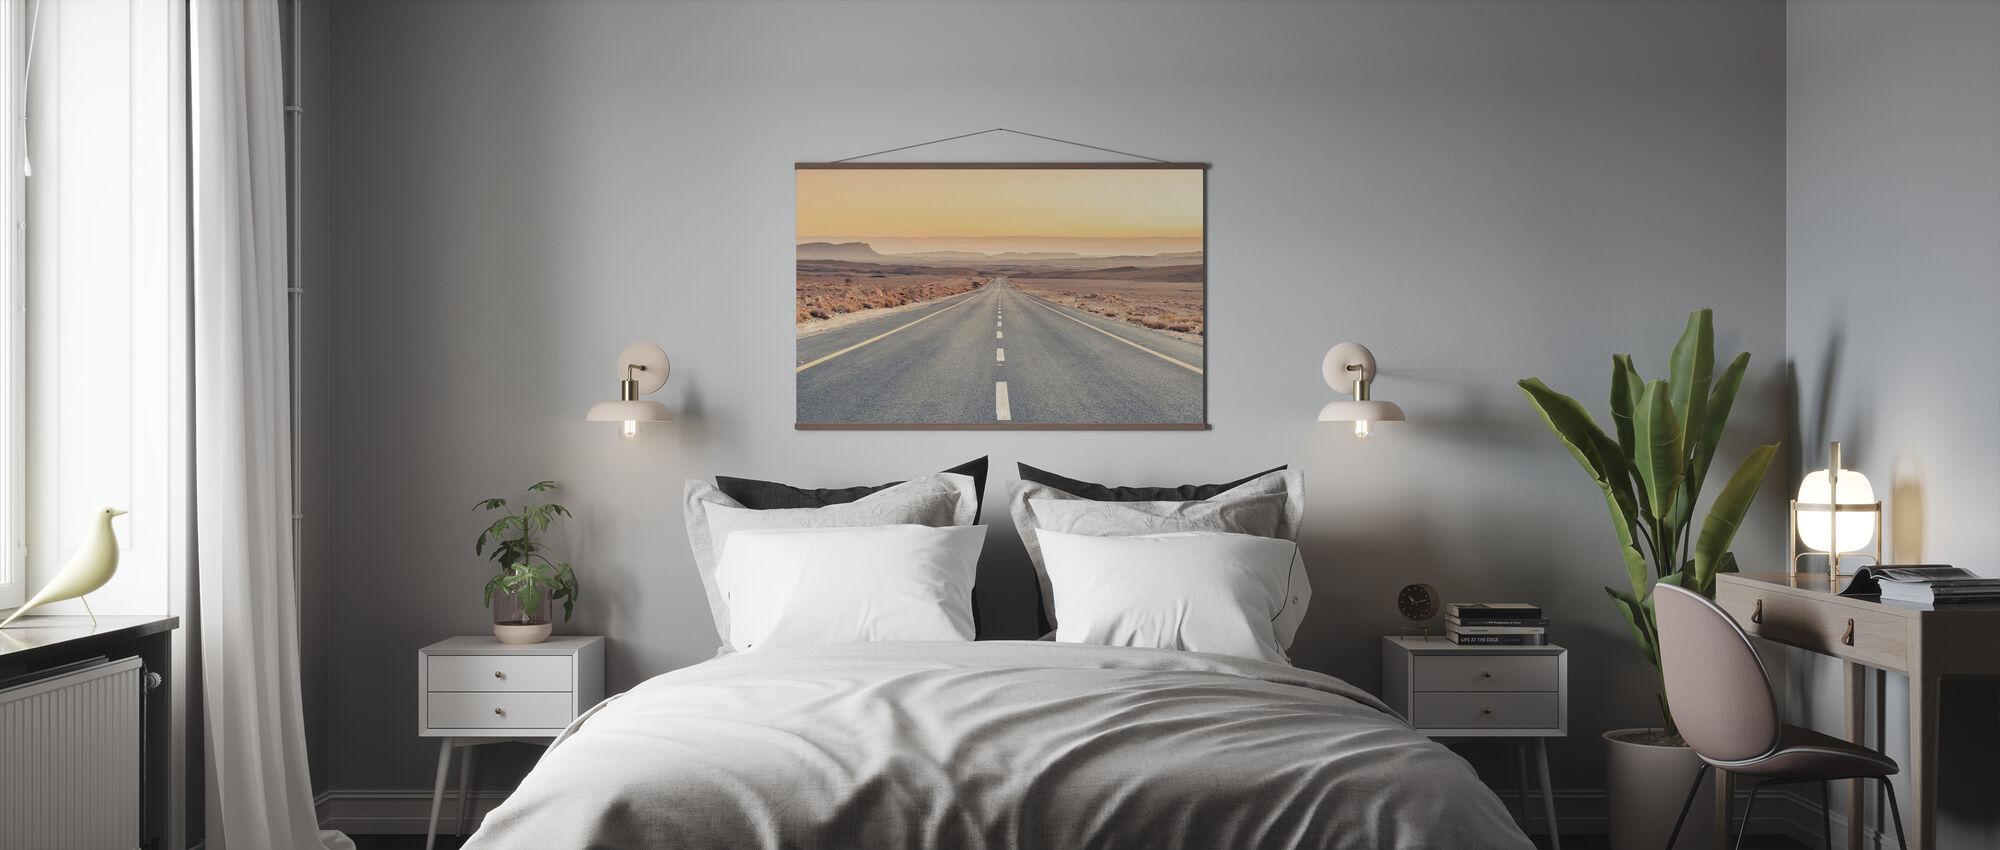 Wüstenstraße - Poster - Schlafzimmer